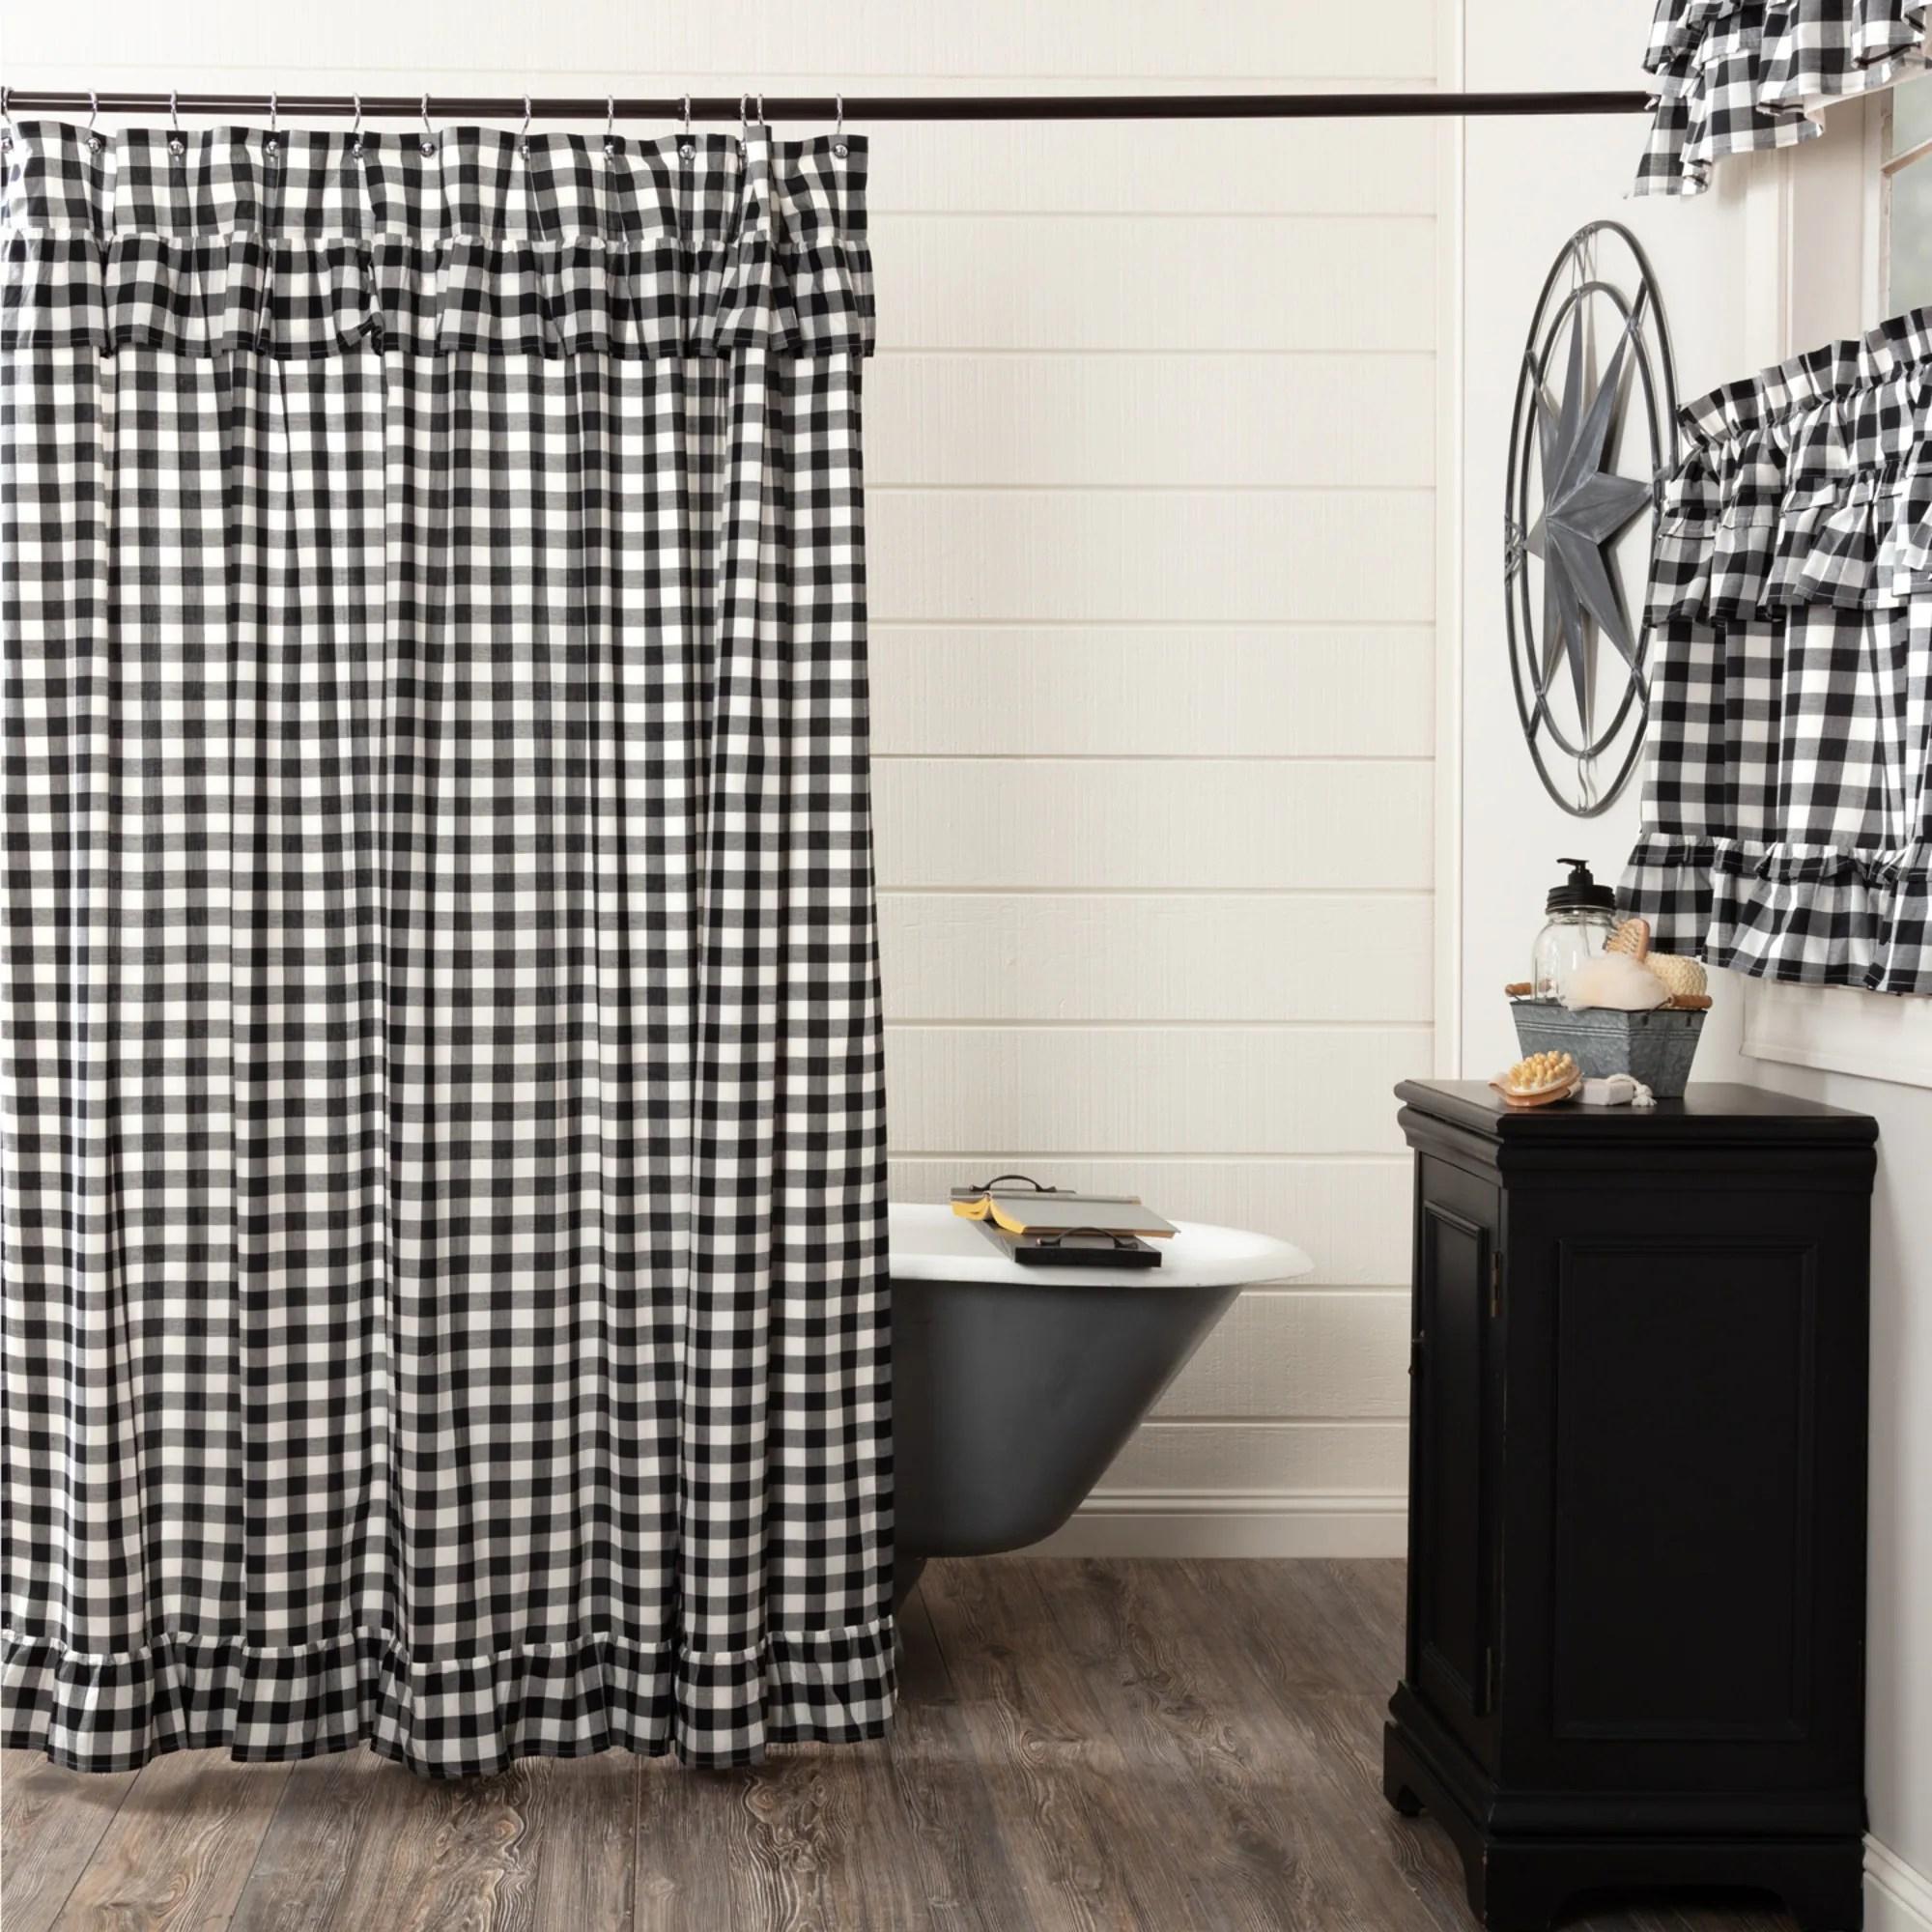 annie buffalo check ruffled shower curtain